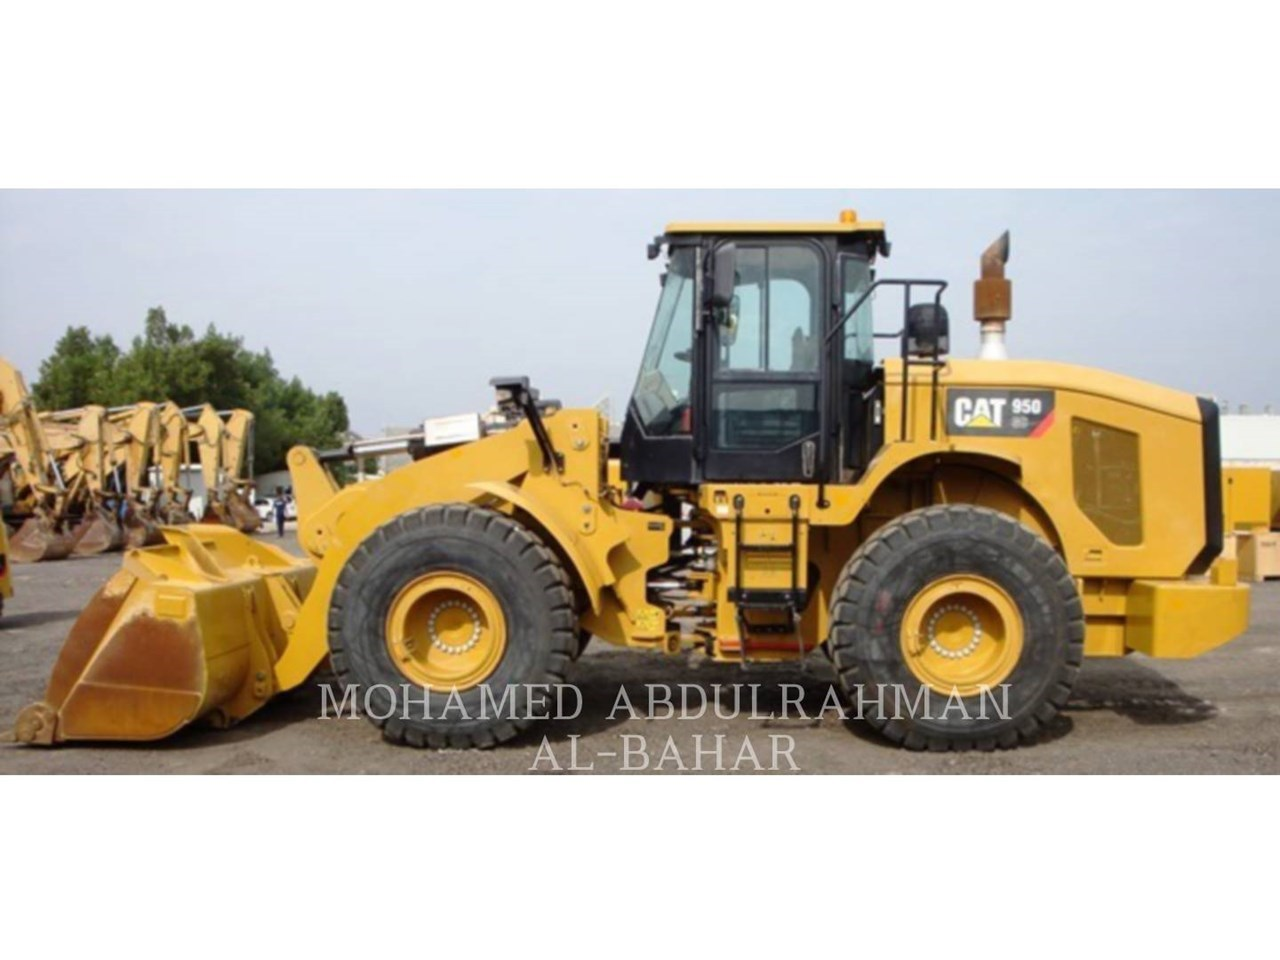 2018 Caterpillar 950GC Image 2